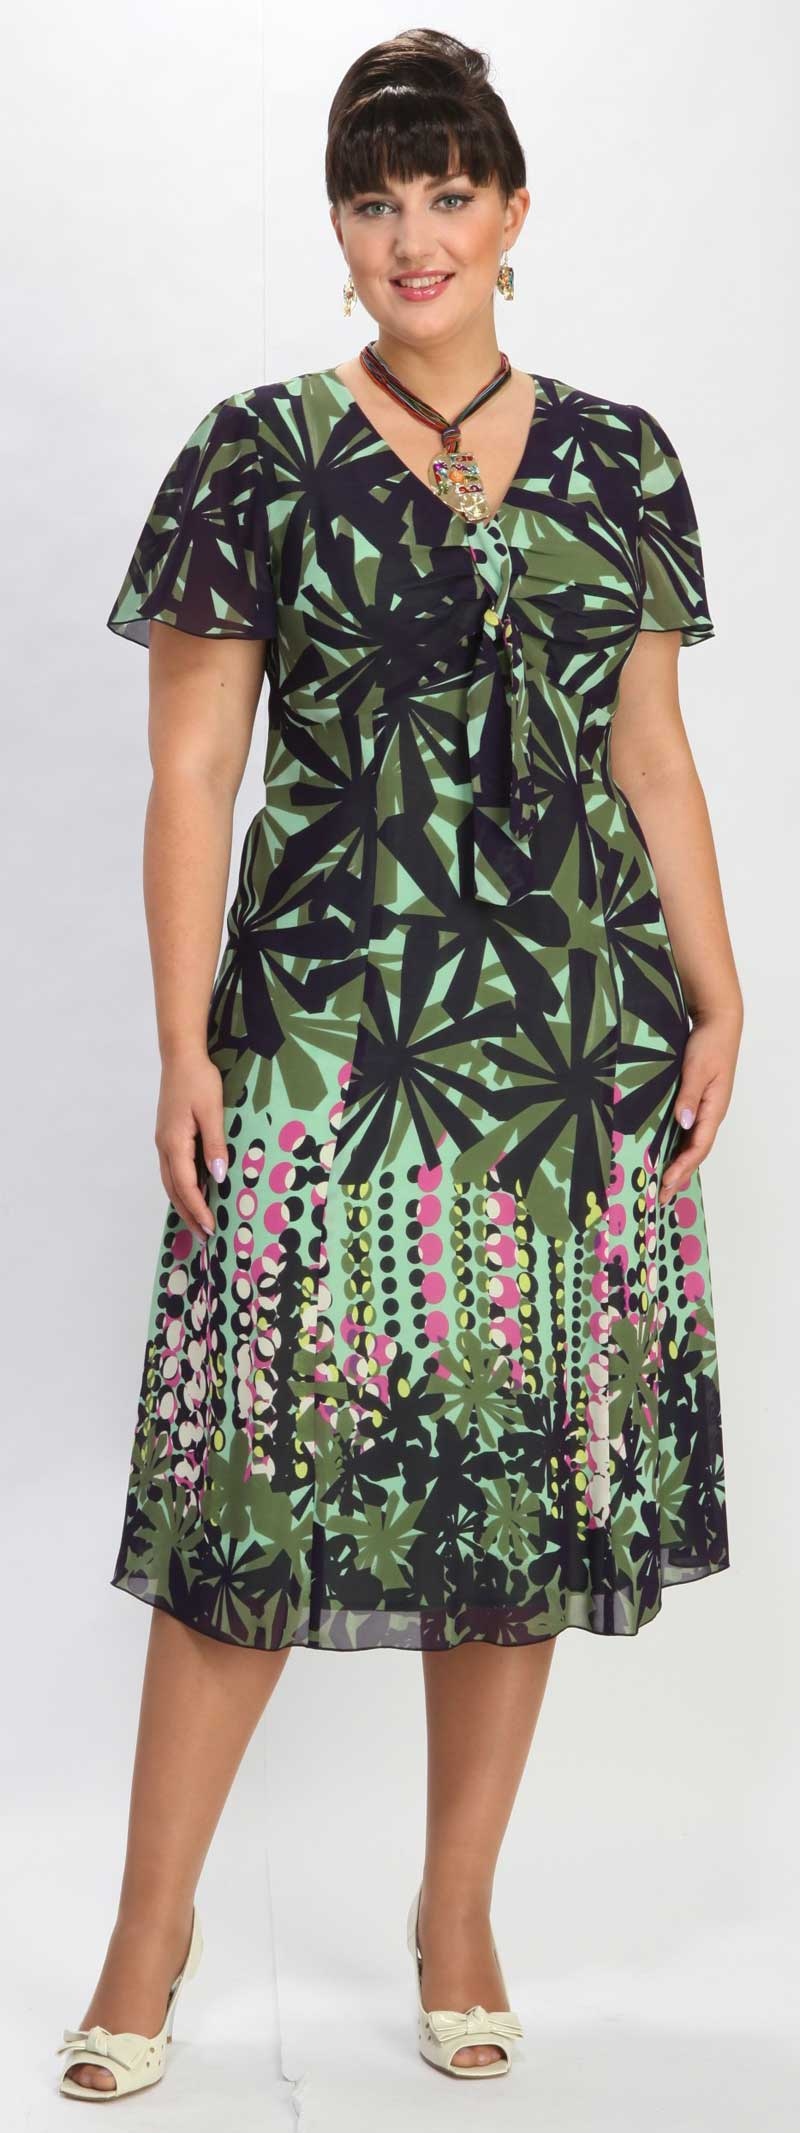 Как одеваться стильно в 50 лет и больше: платья, блузки 19